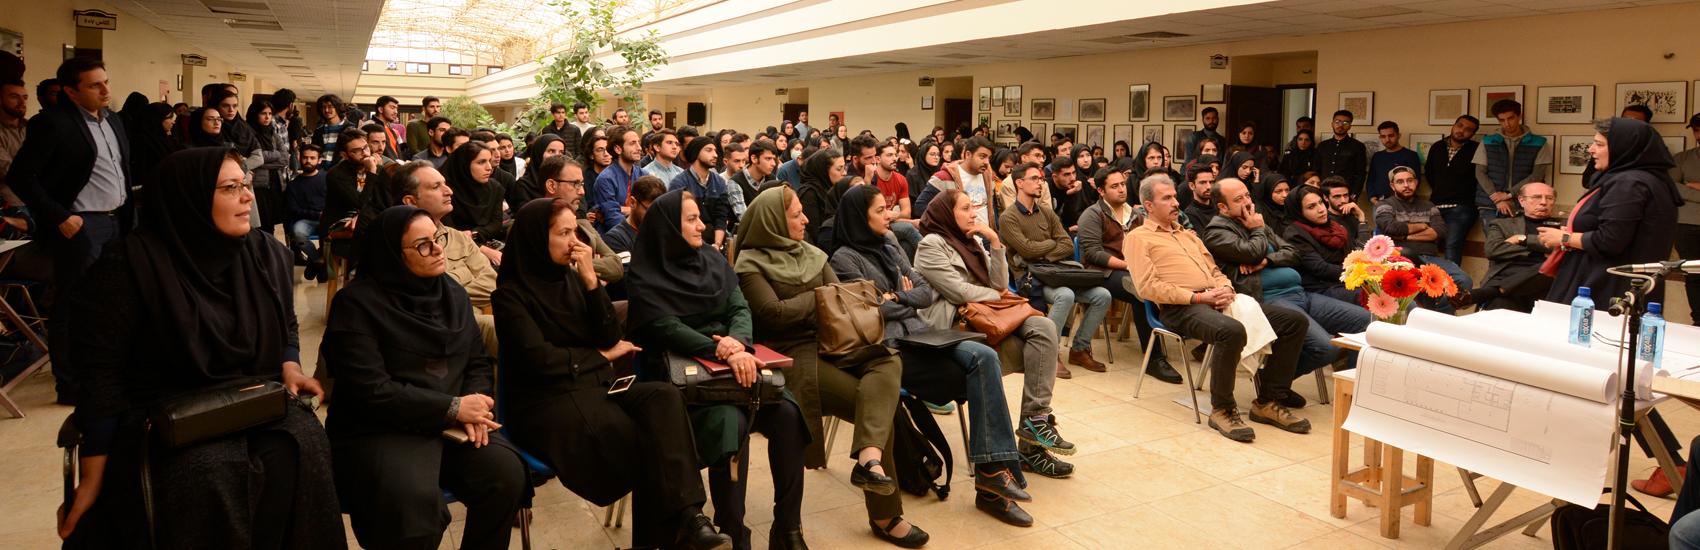 راهنماي پايان نامه كارشناسي ارشد- بهمن 96